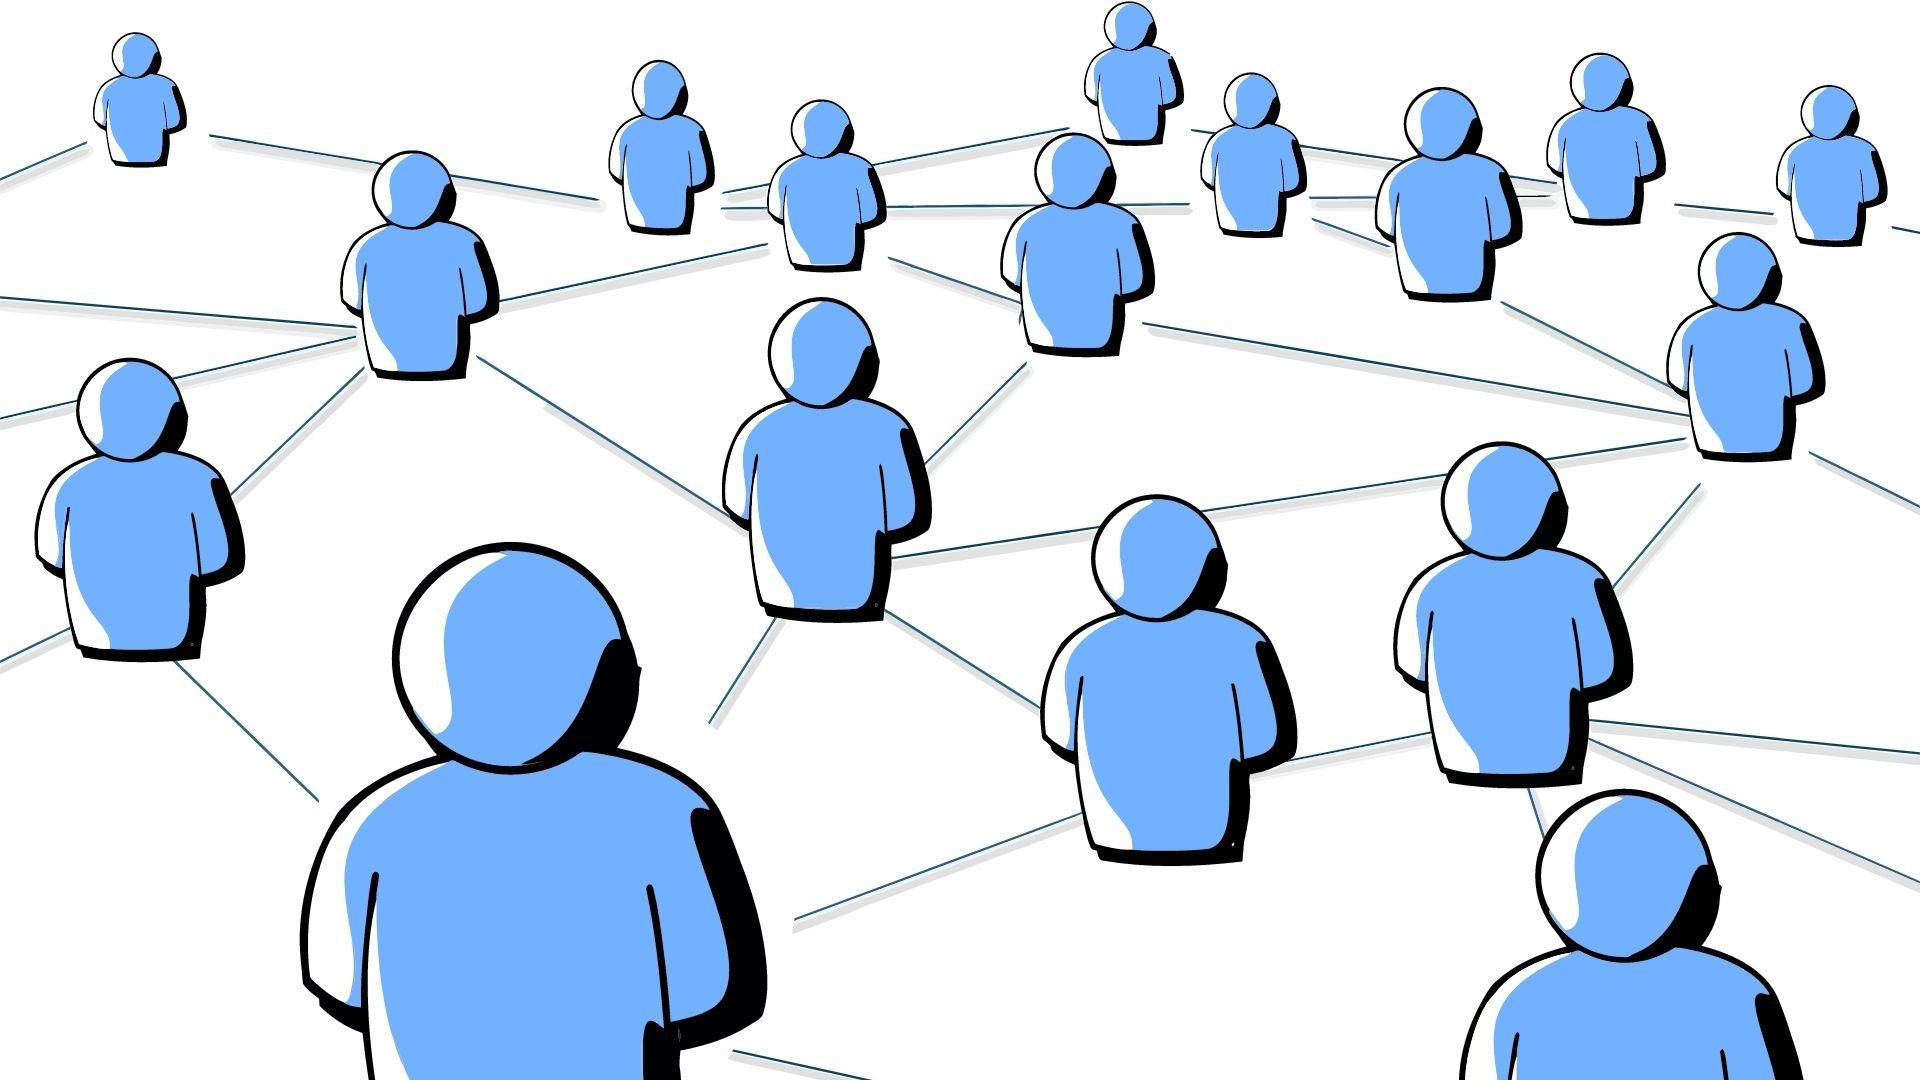 Générer des clients en illimité avec systeme io